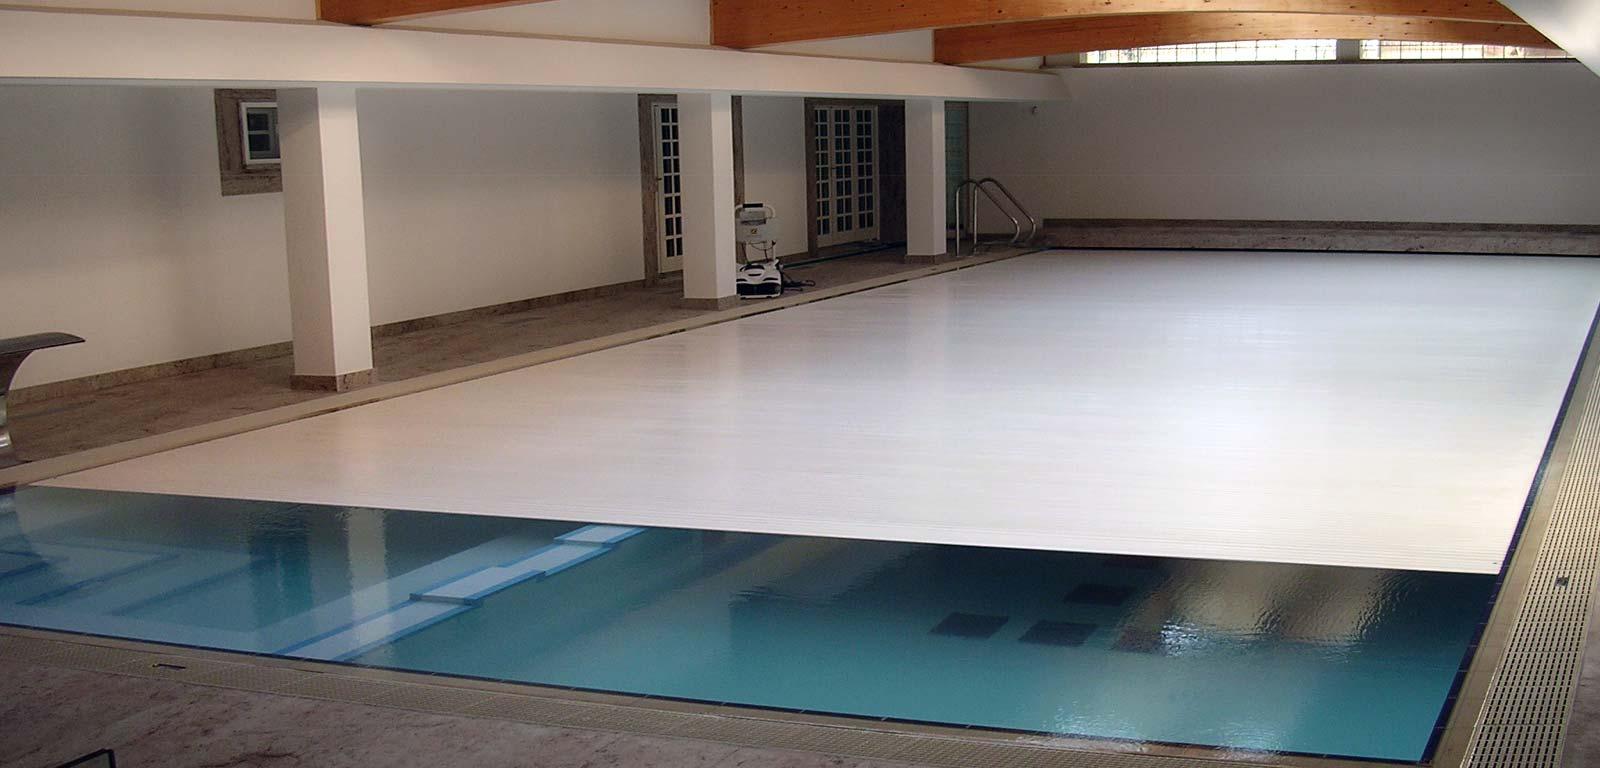 Copertura scale interne il pavimento in cotto per le for Scalini in cotto prezzi